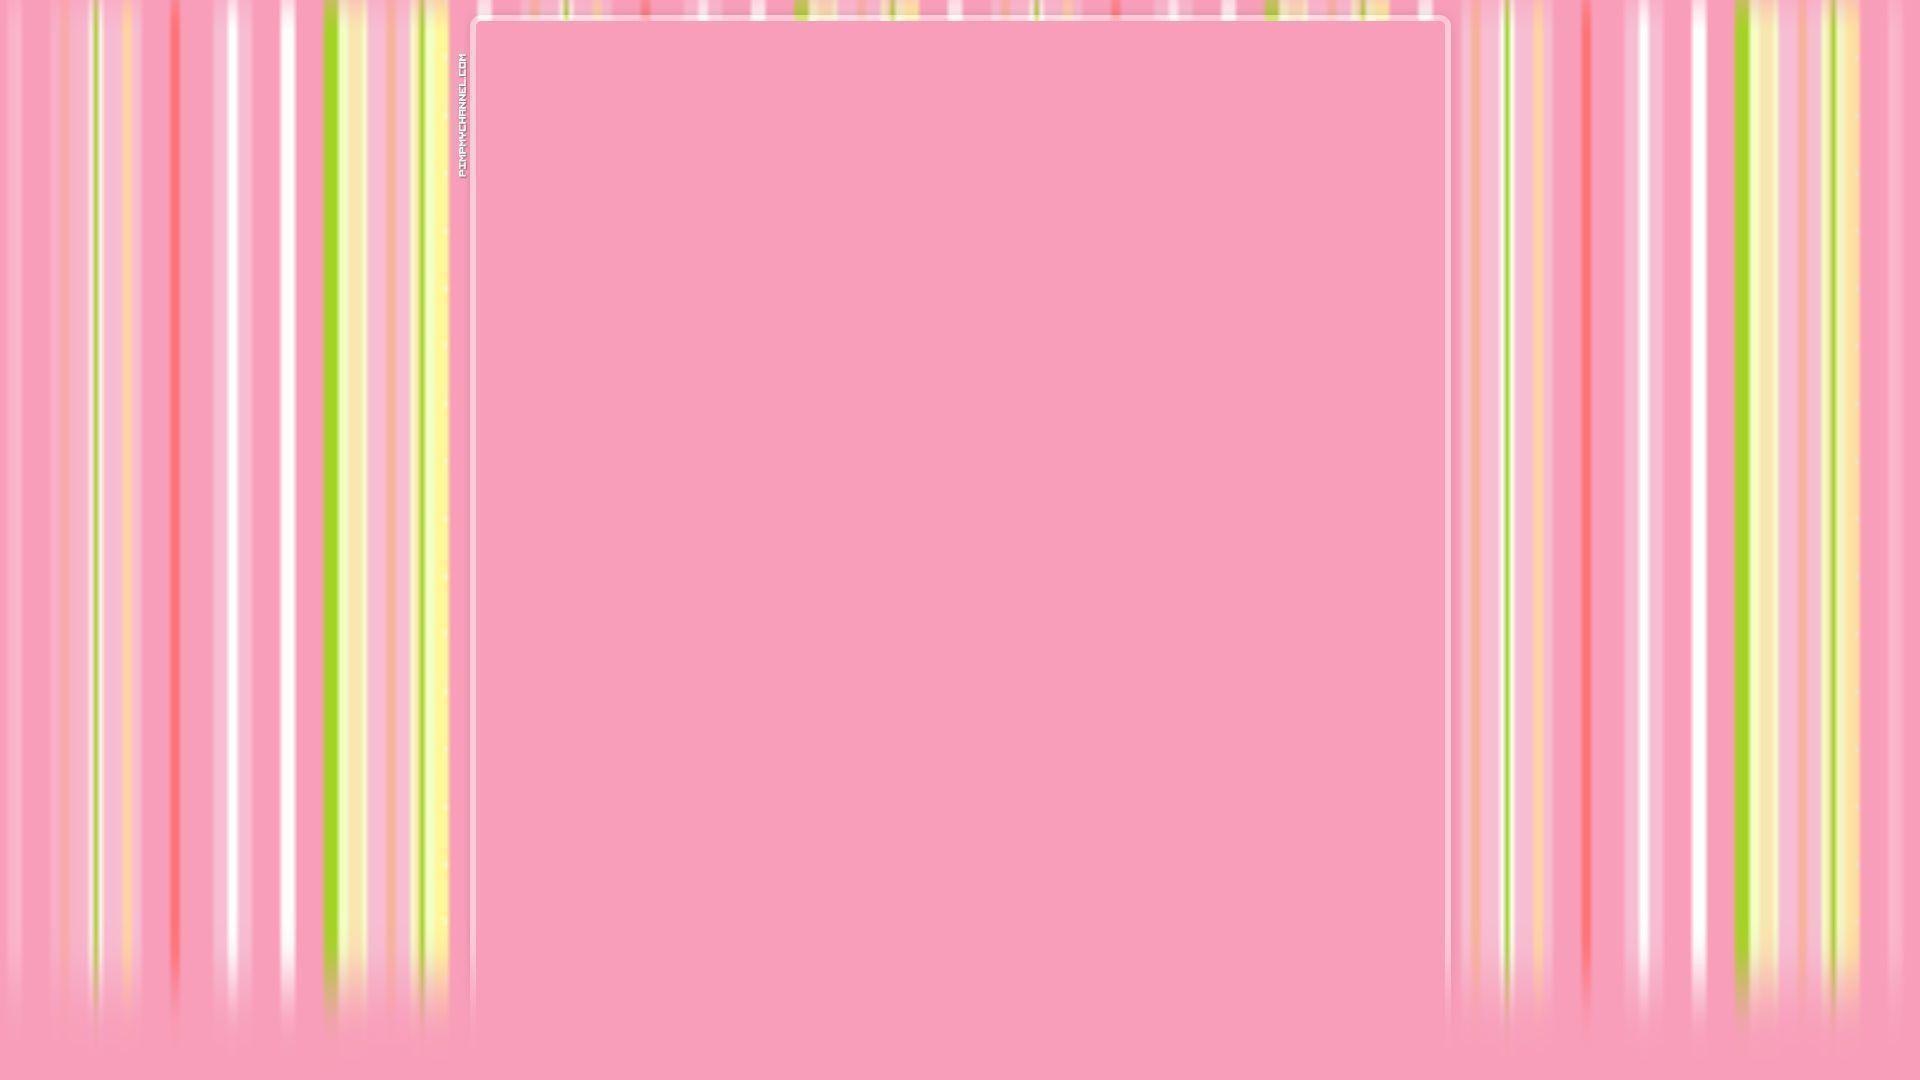 Pink Wallpaper Blog 52 Images